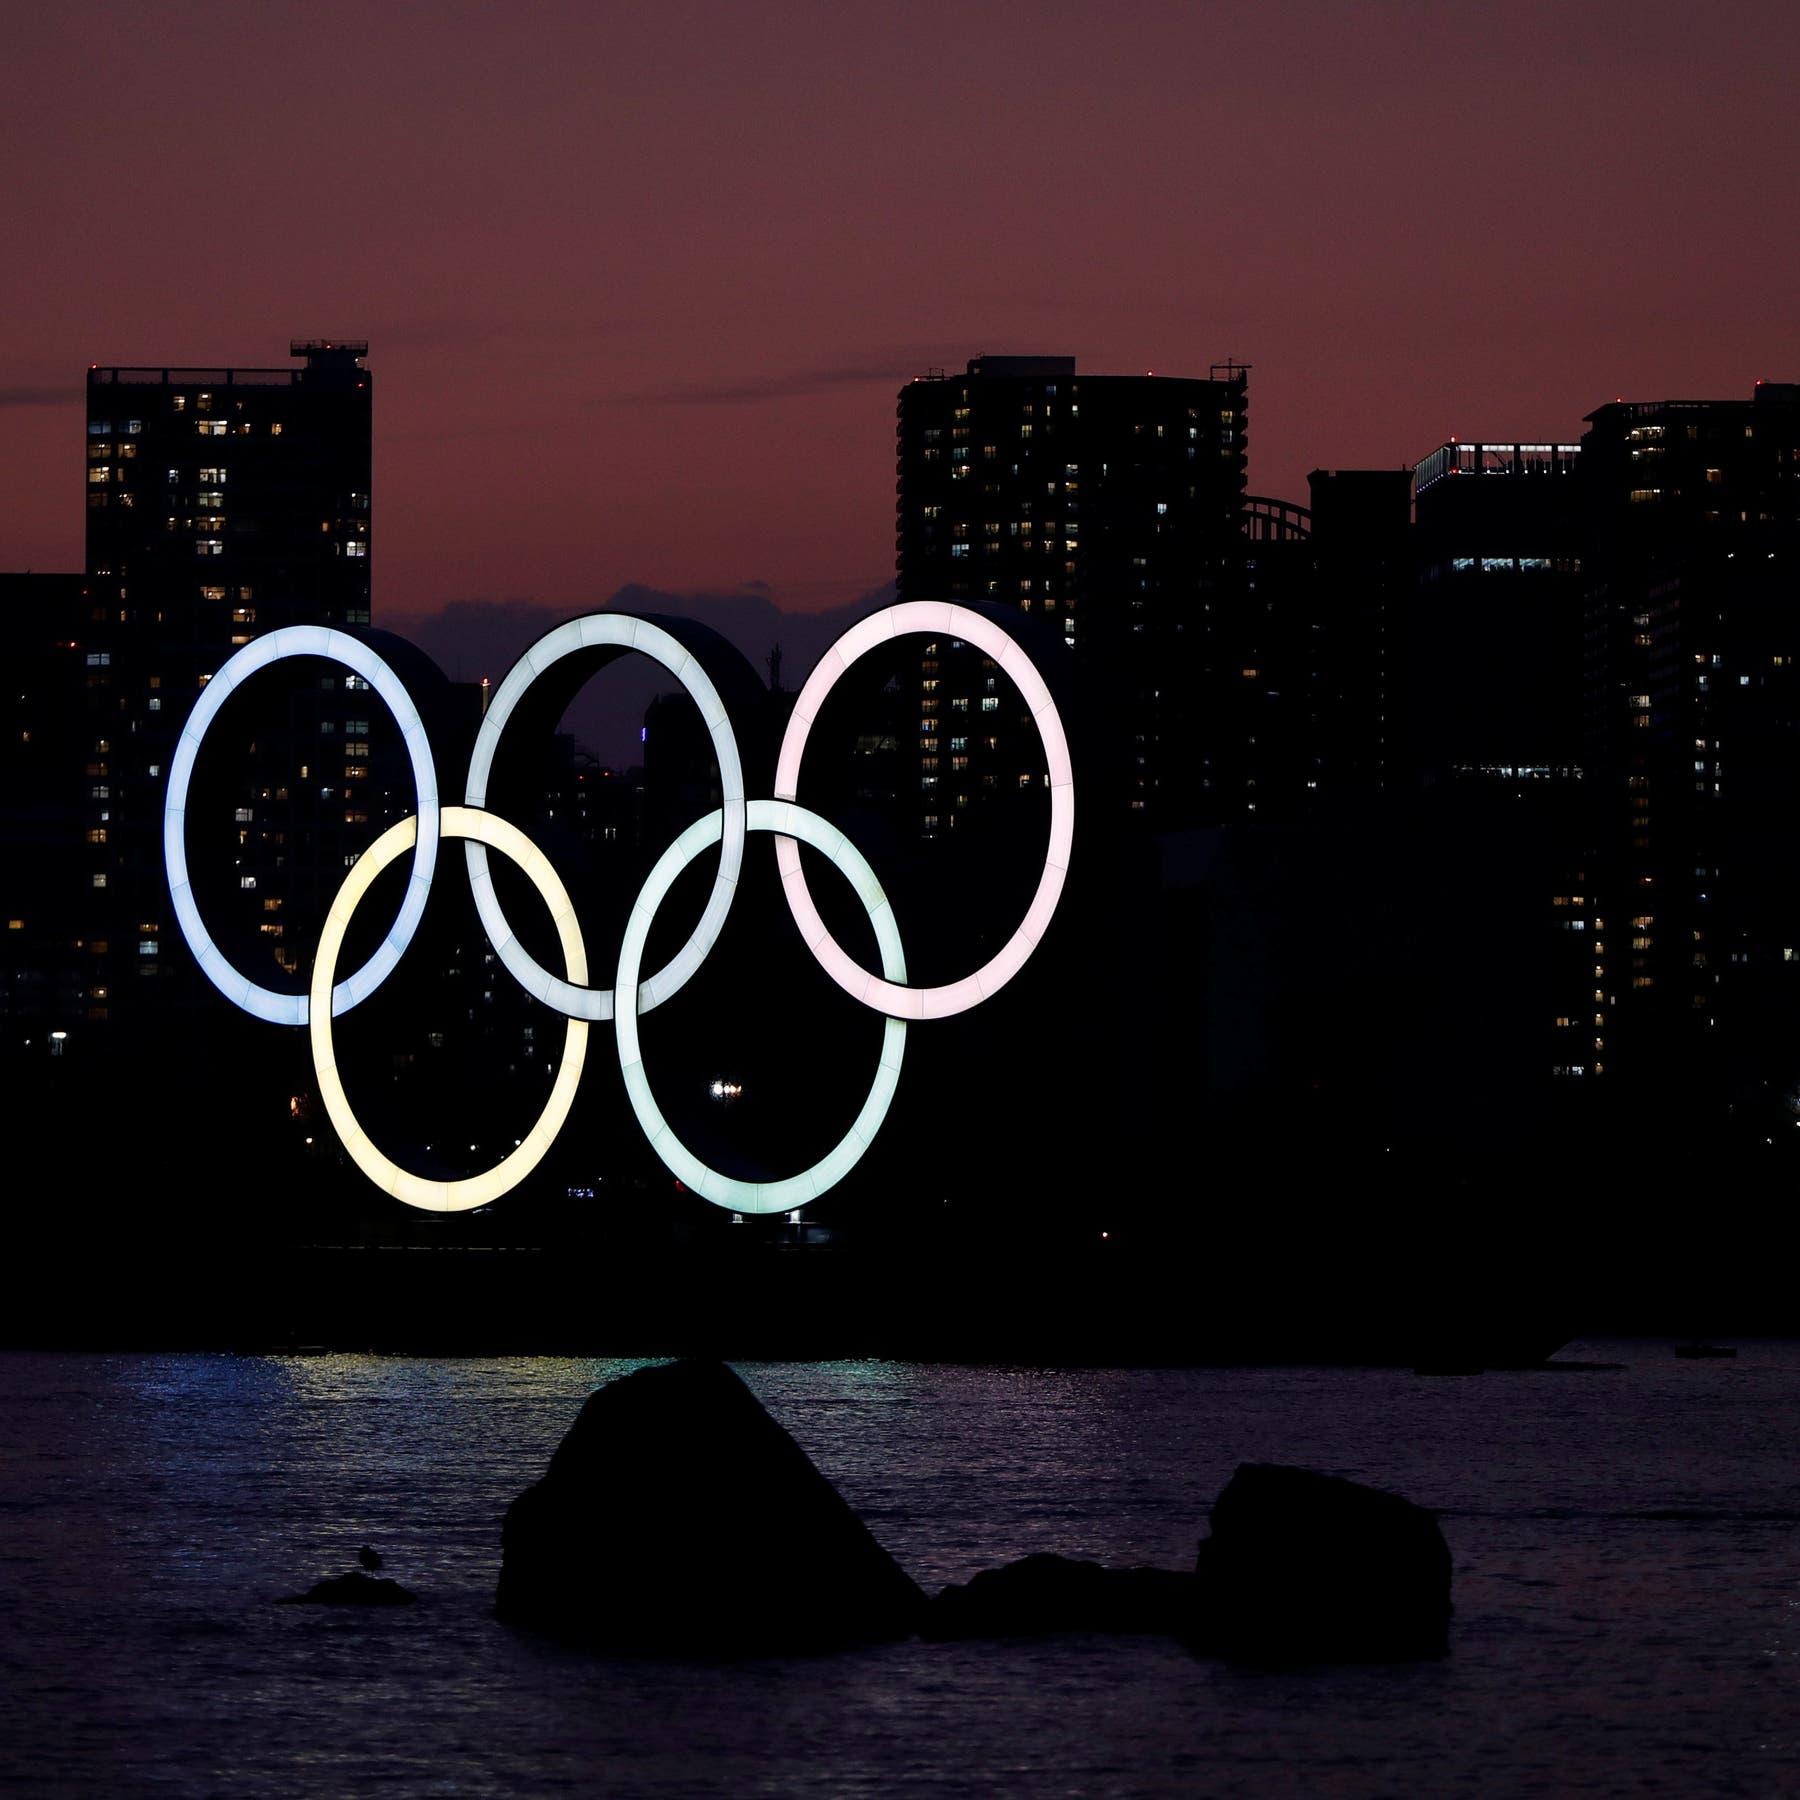 مستشار في الحكومة اليابانية: أولمبياد طوكيو في خطر